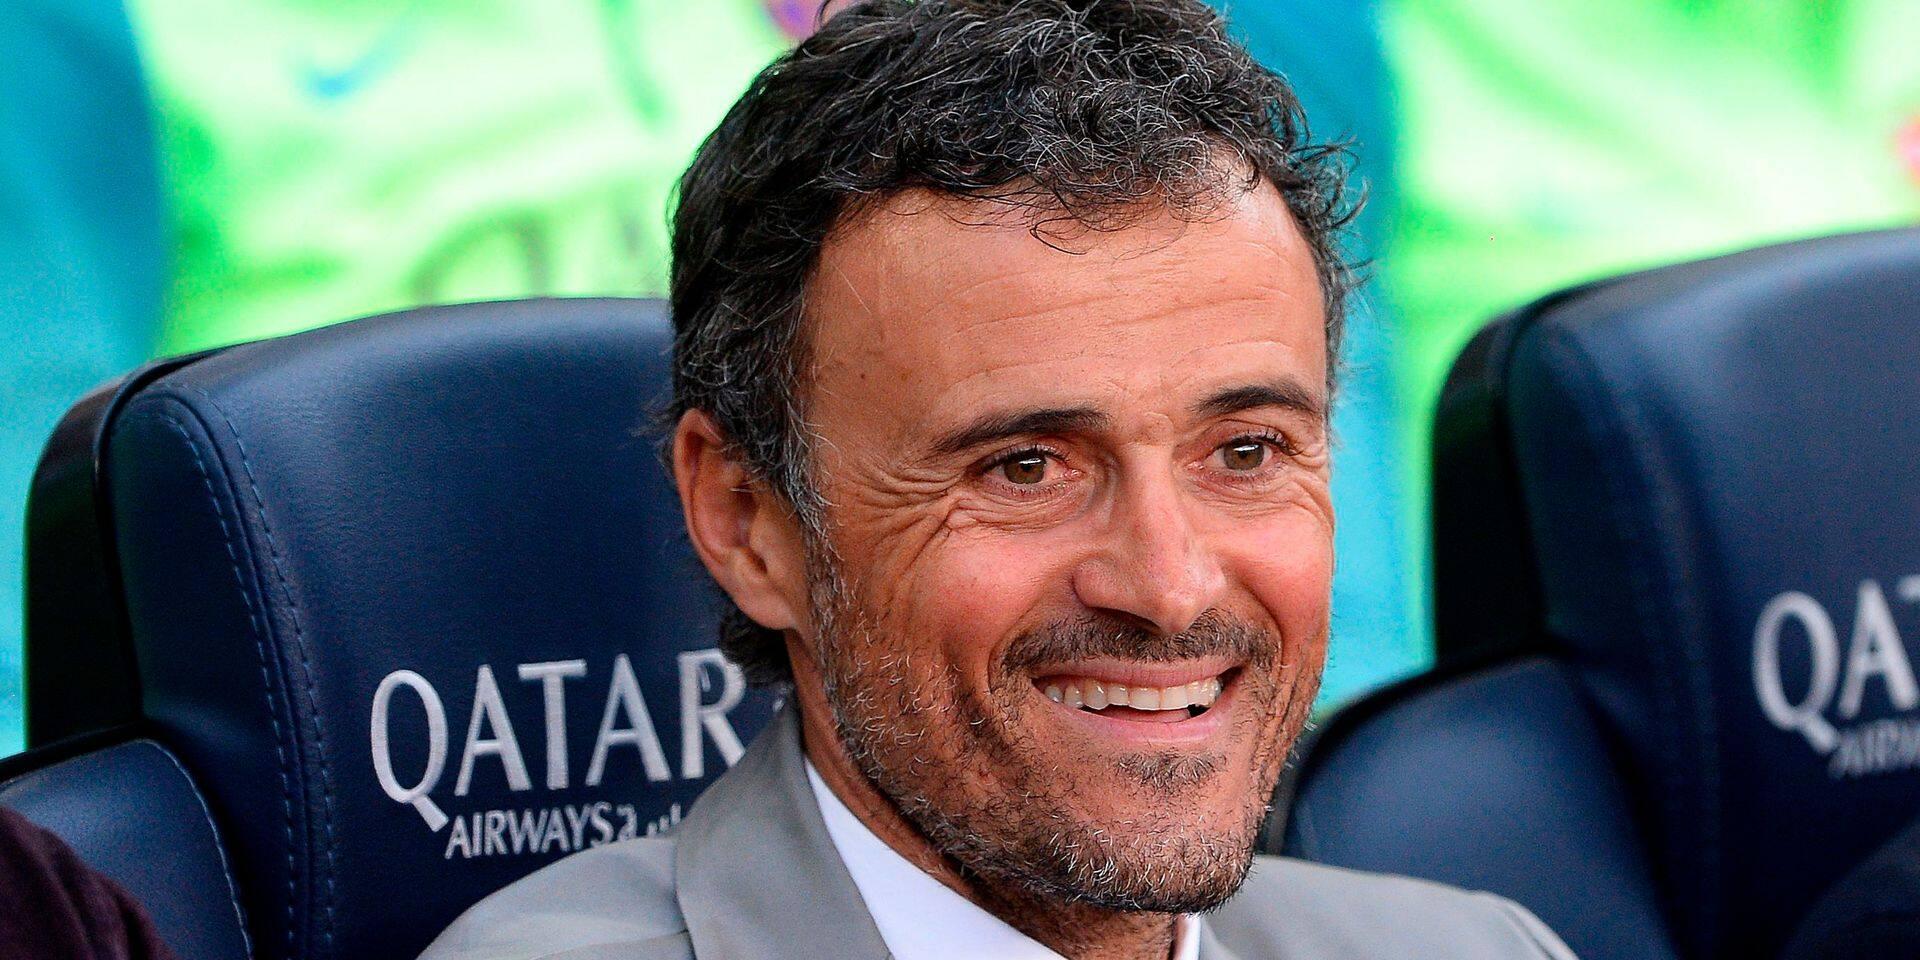 Luis Enrique nommé nouvel entraîneur de l'équipe nationale espagnole de football